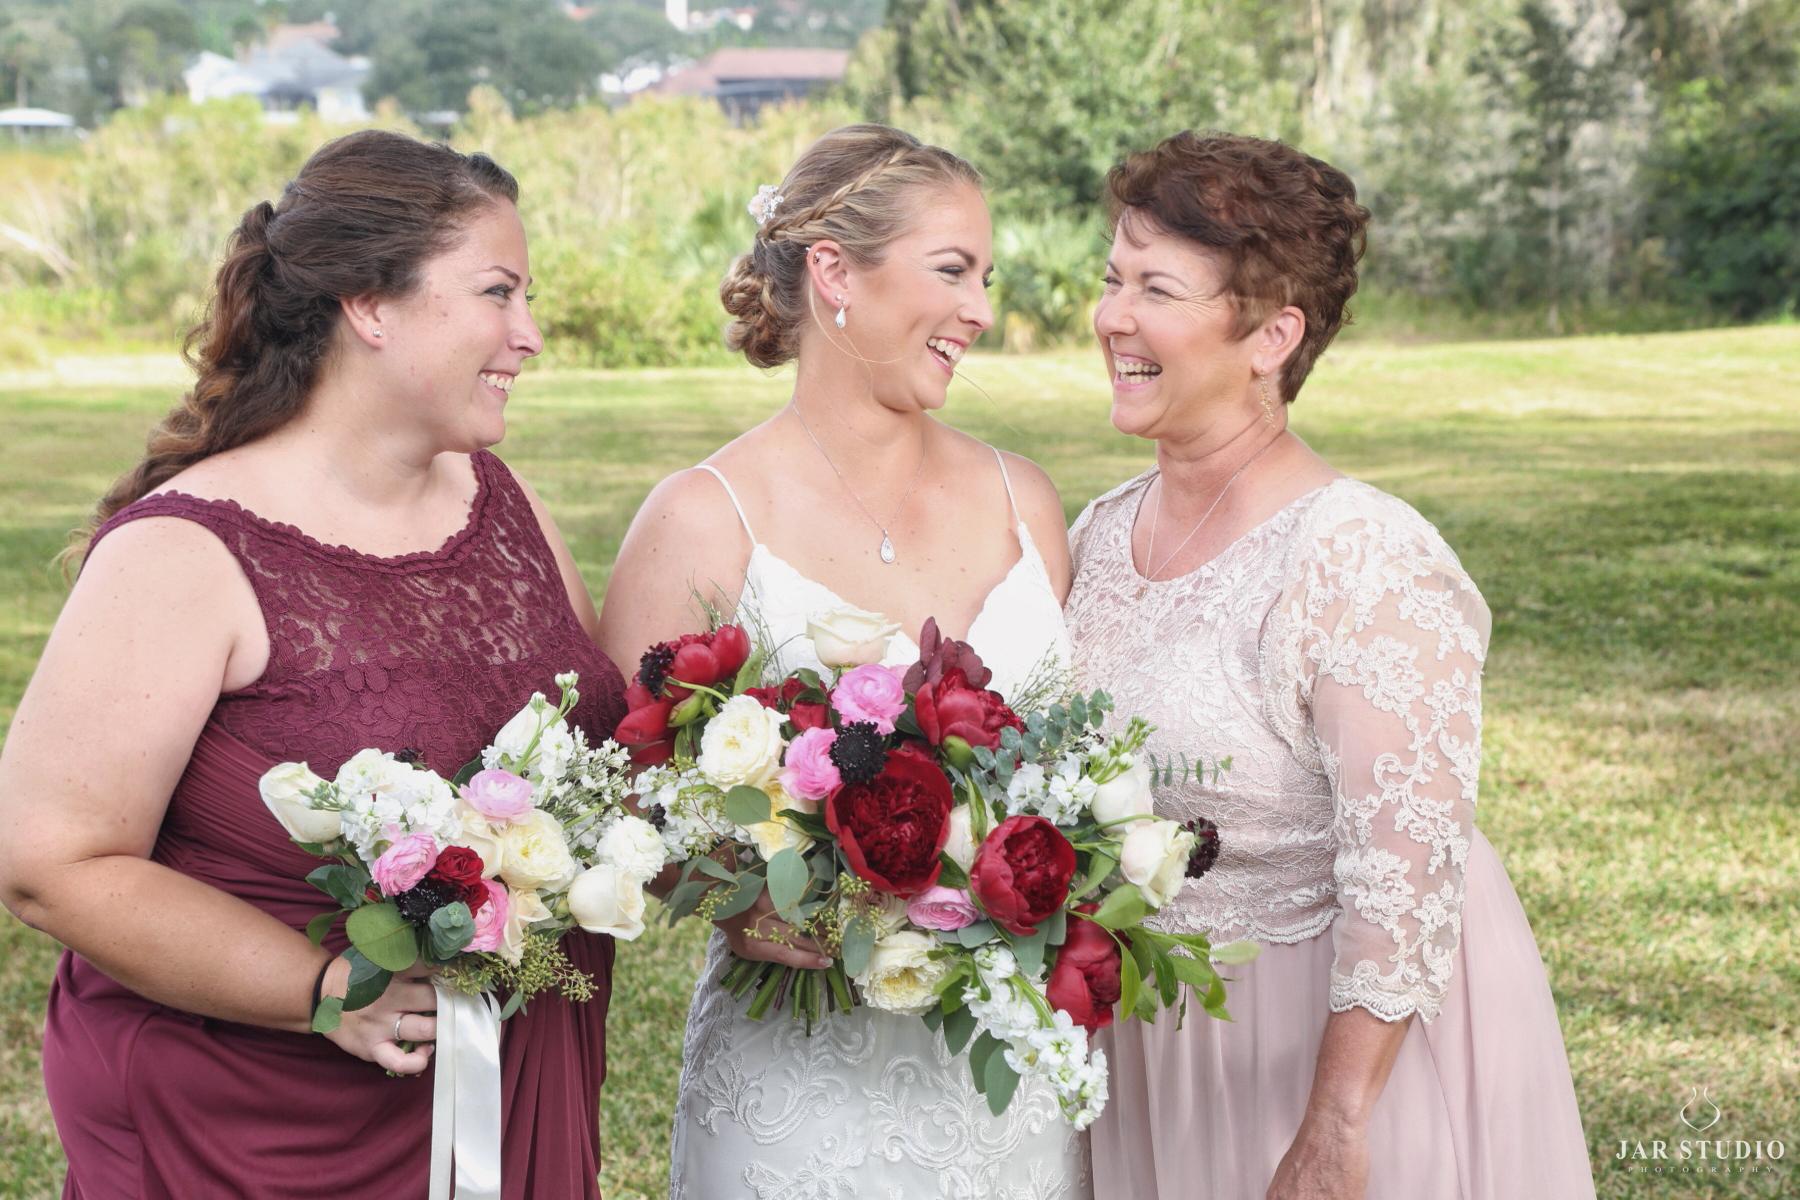 jarstudio-wedding-photographer-124.JPG